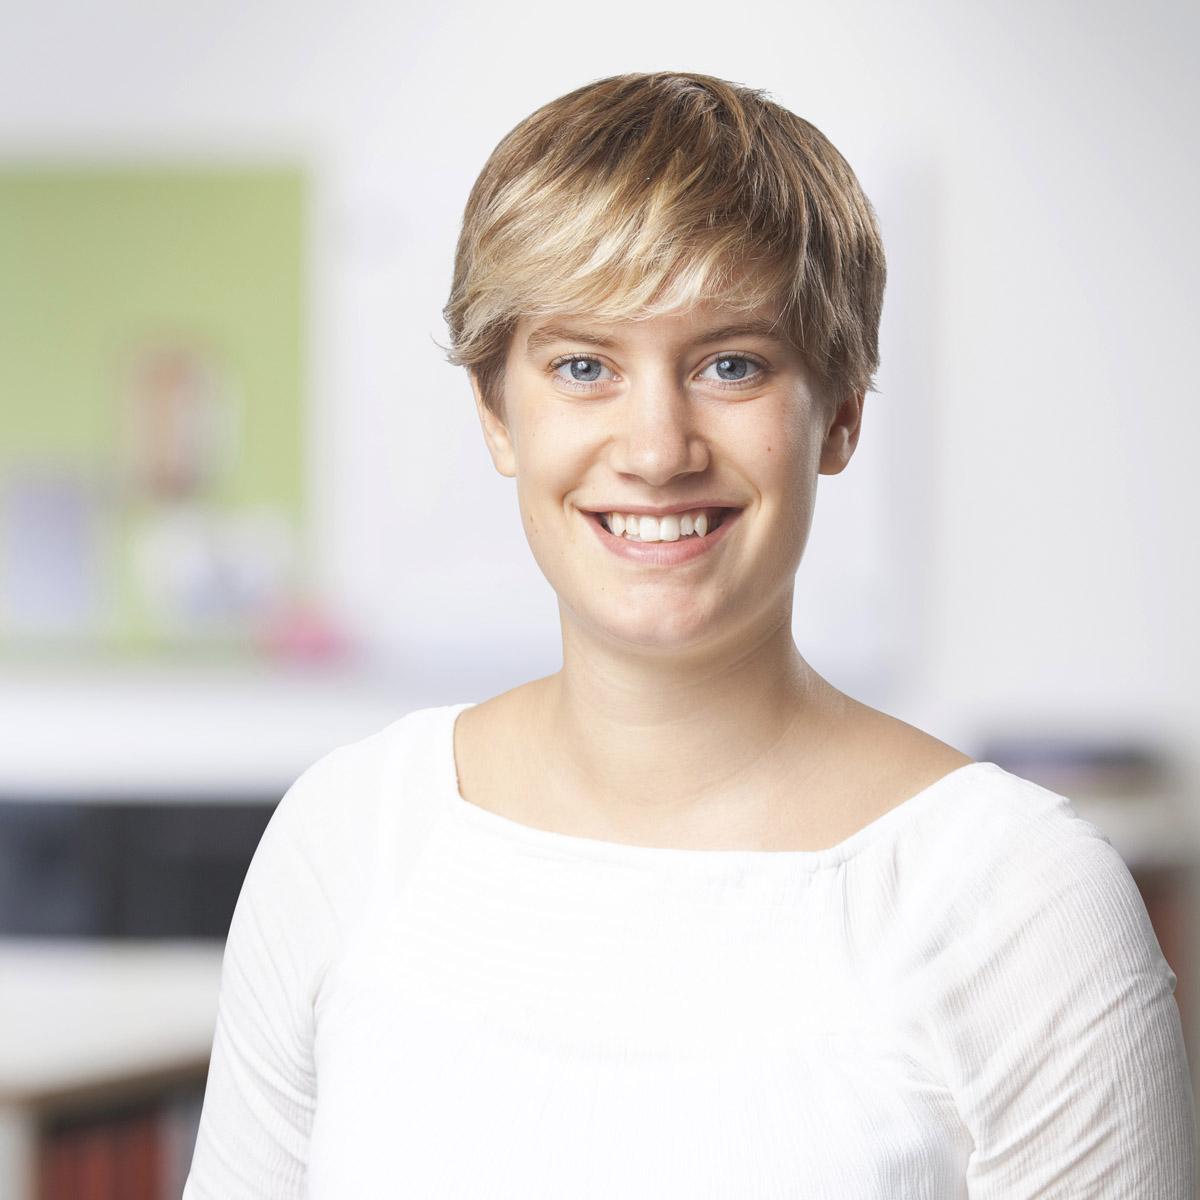 Sonja Büdenbender - Ausbildung zum Technischen Systemplaner